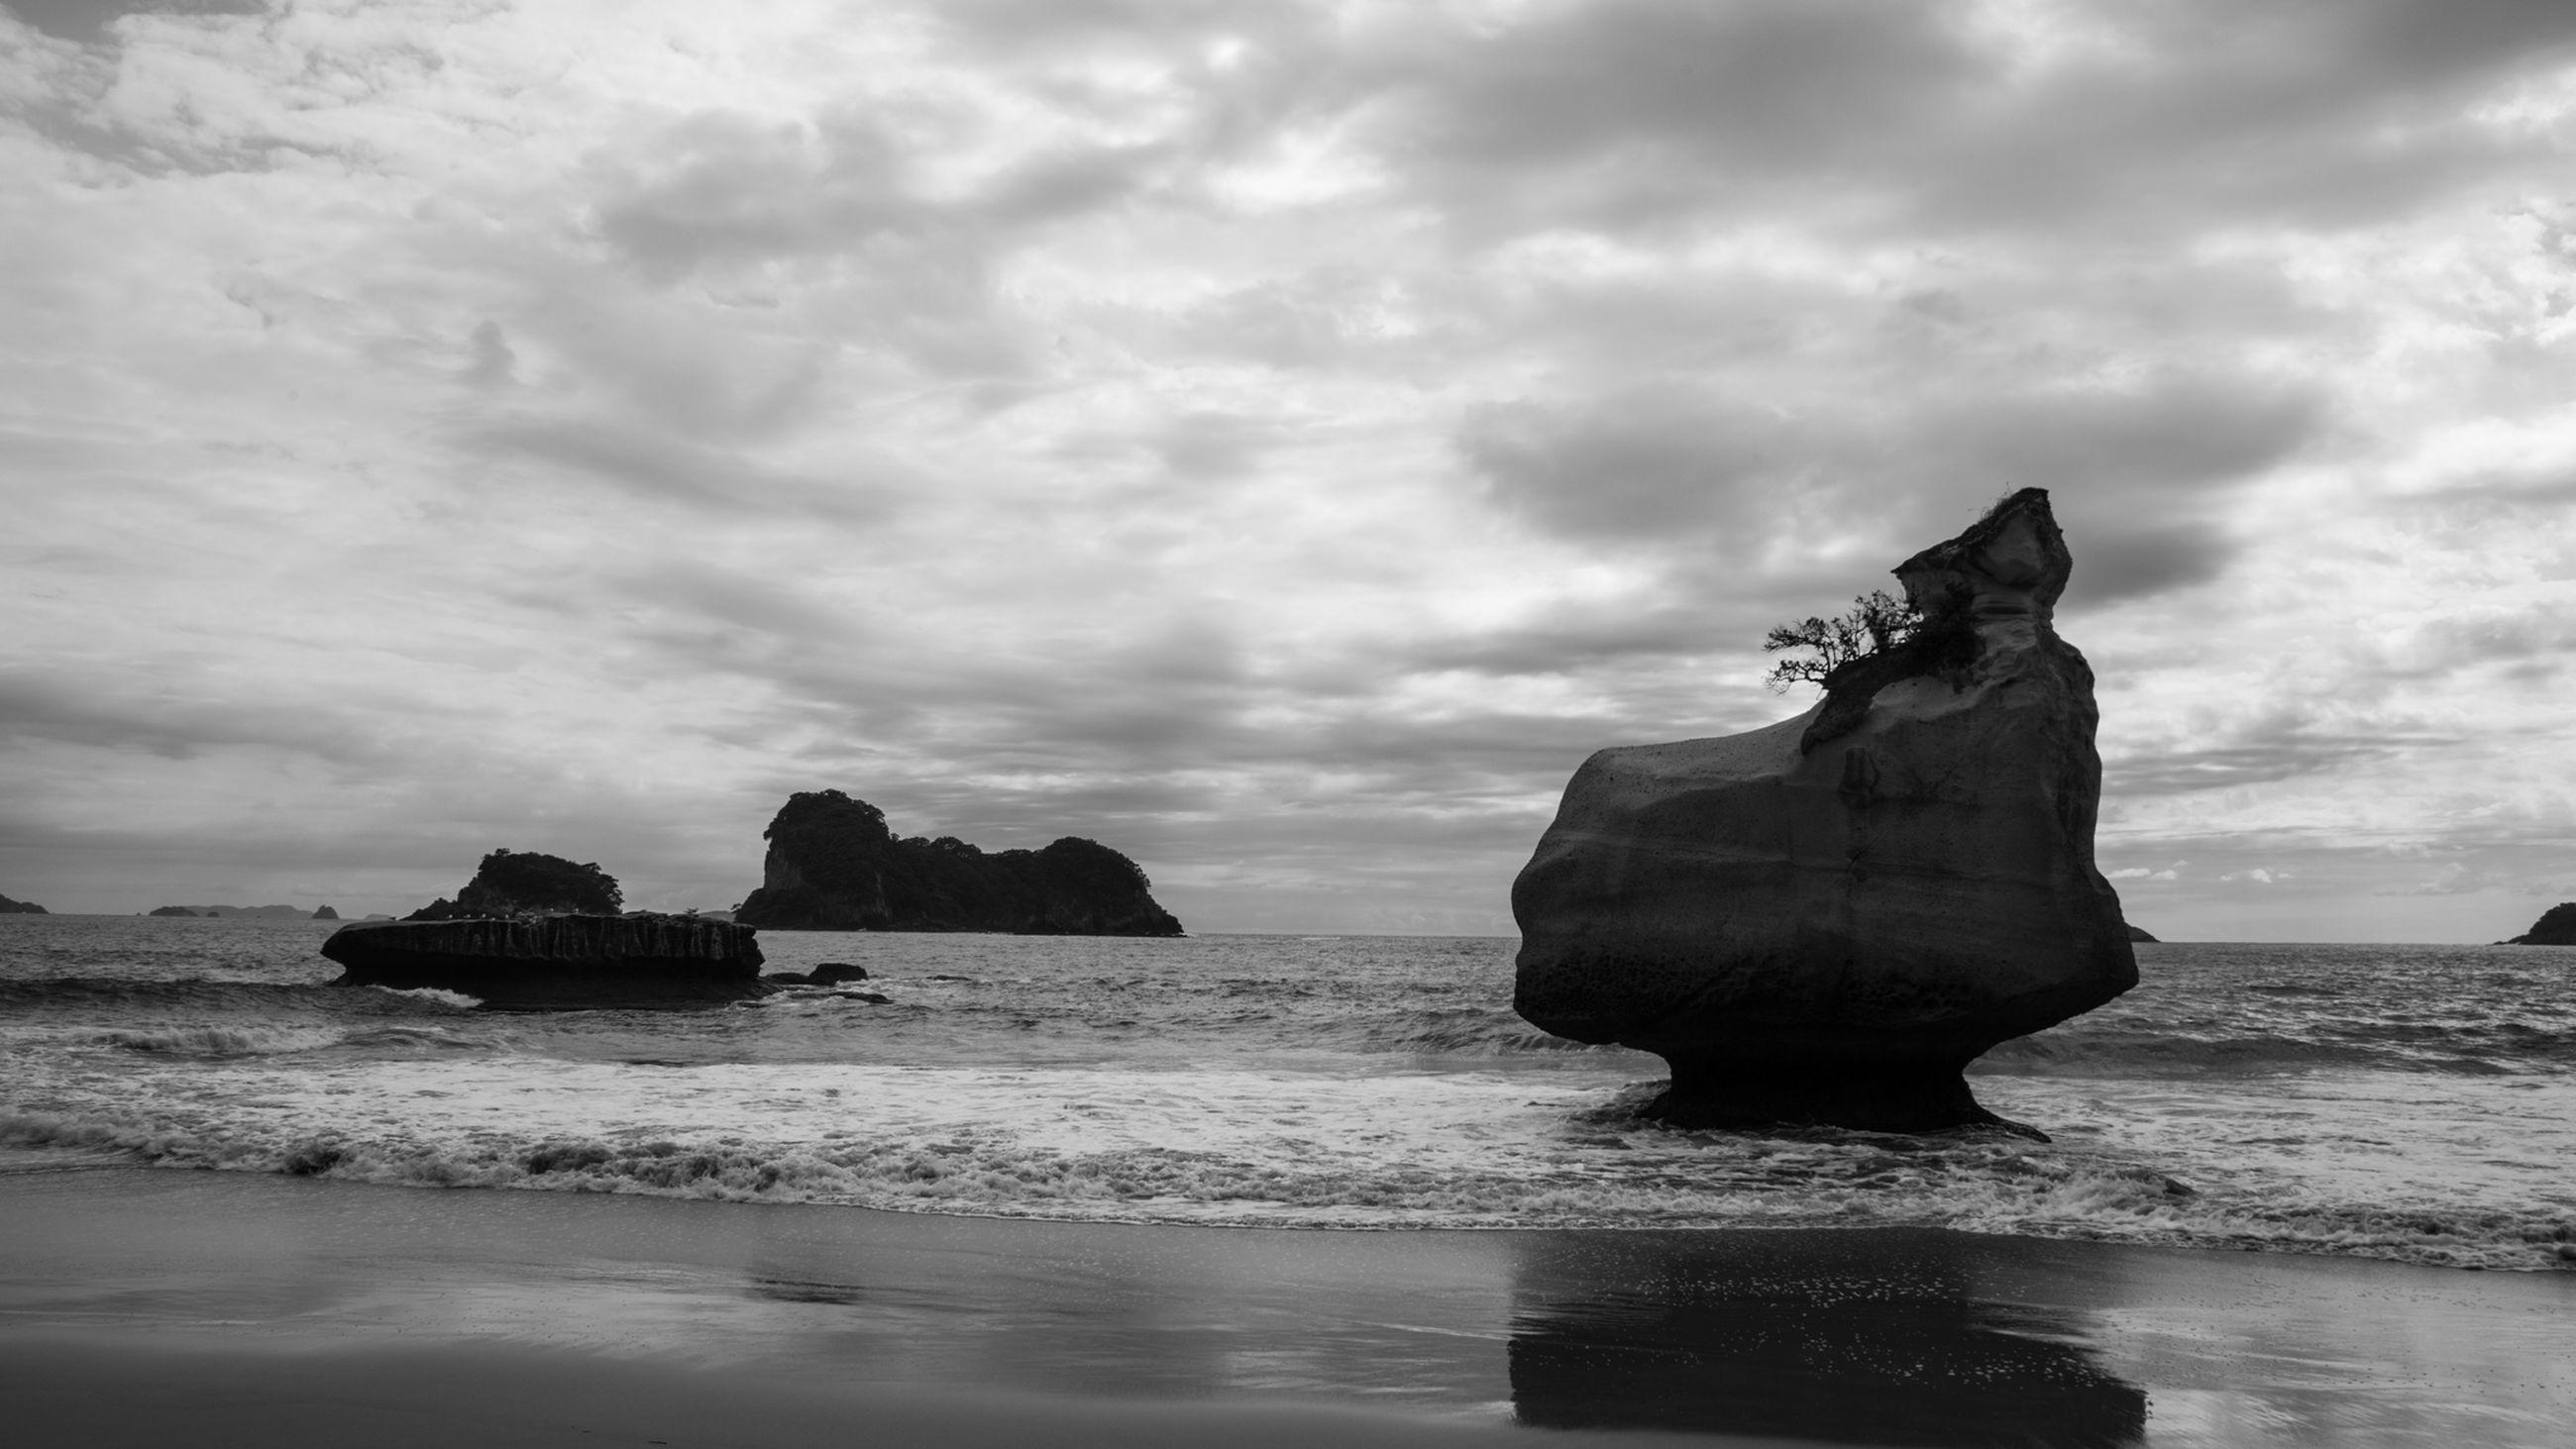 Rocks on sea against cloudy sky